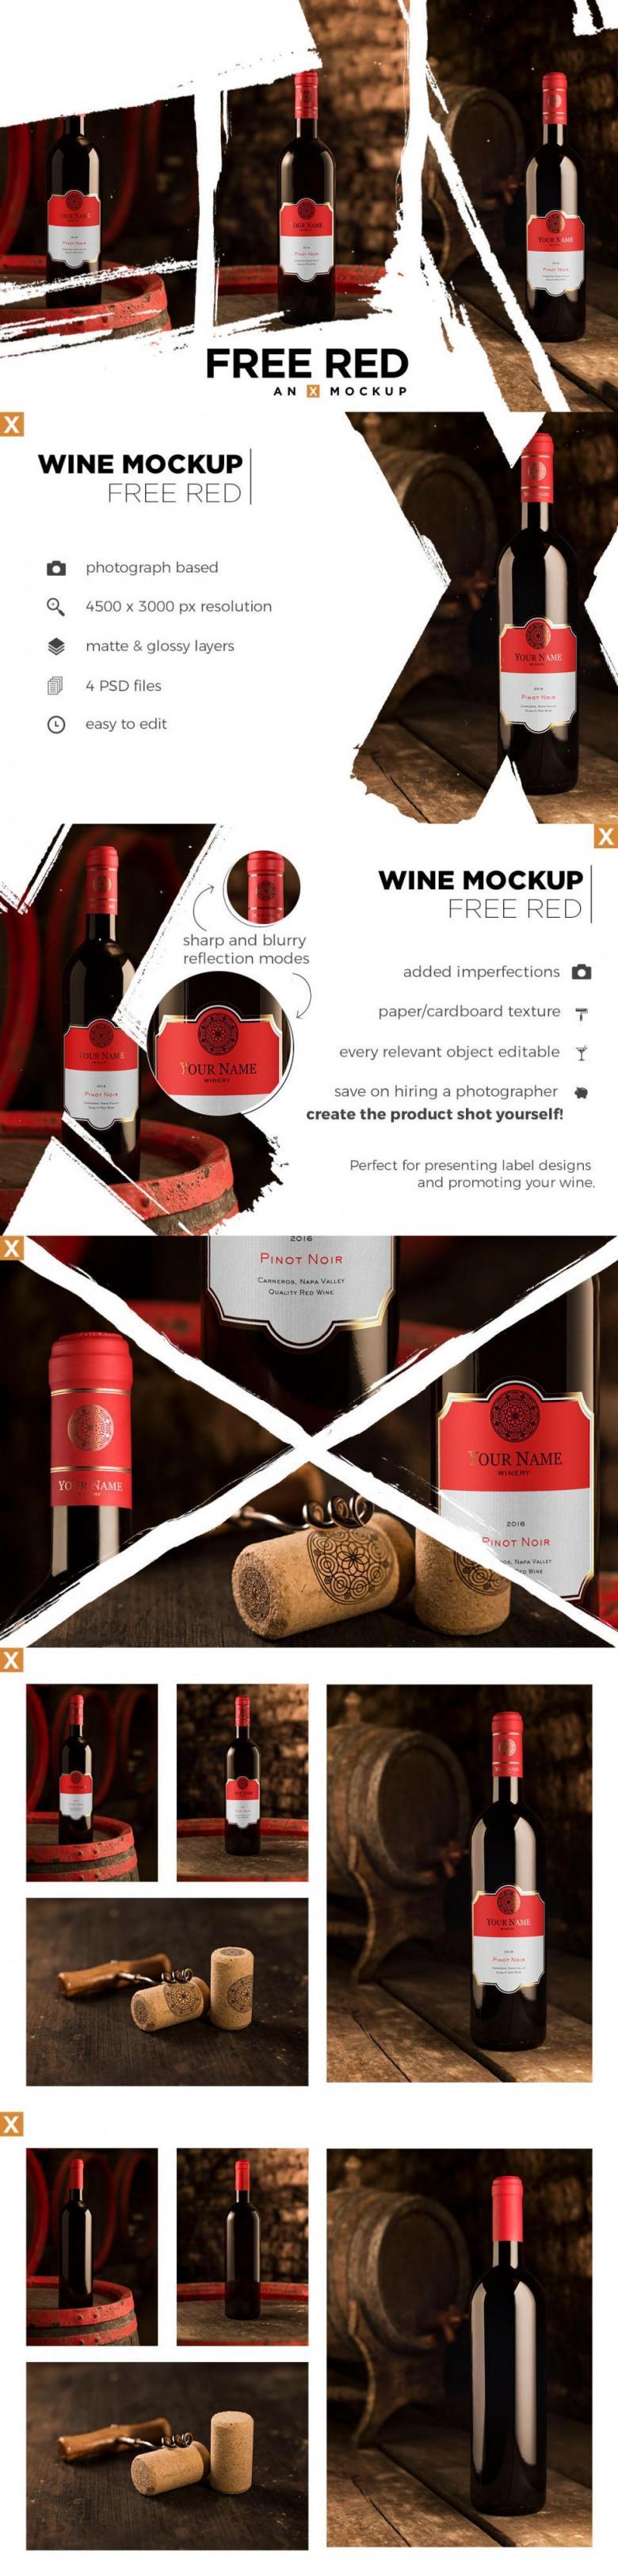 4 Red Wine Bottle Mockups